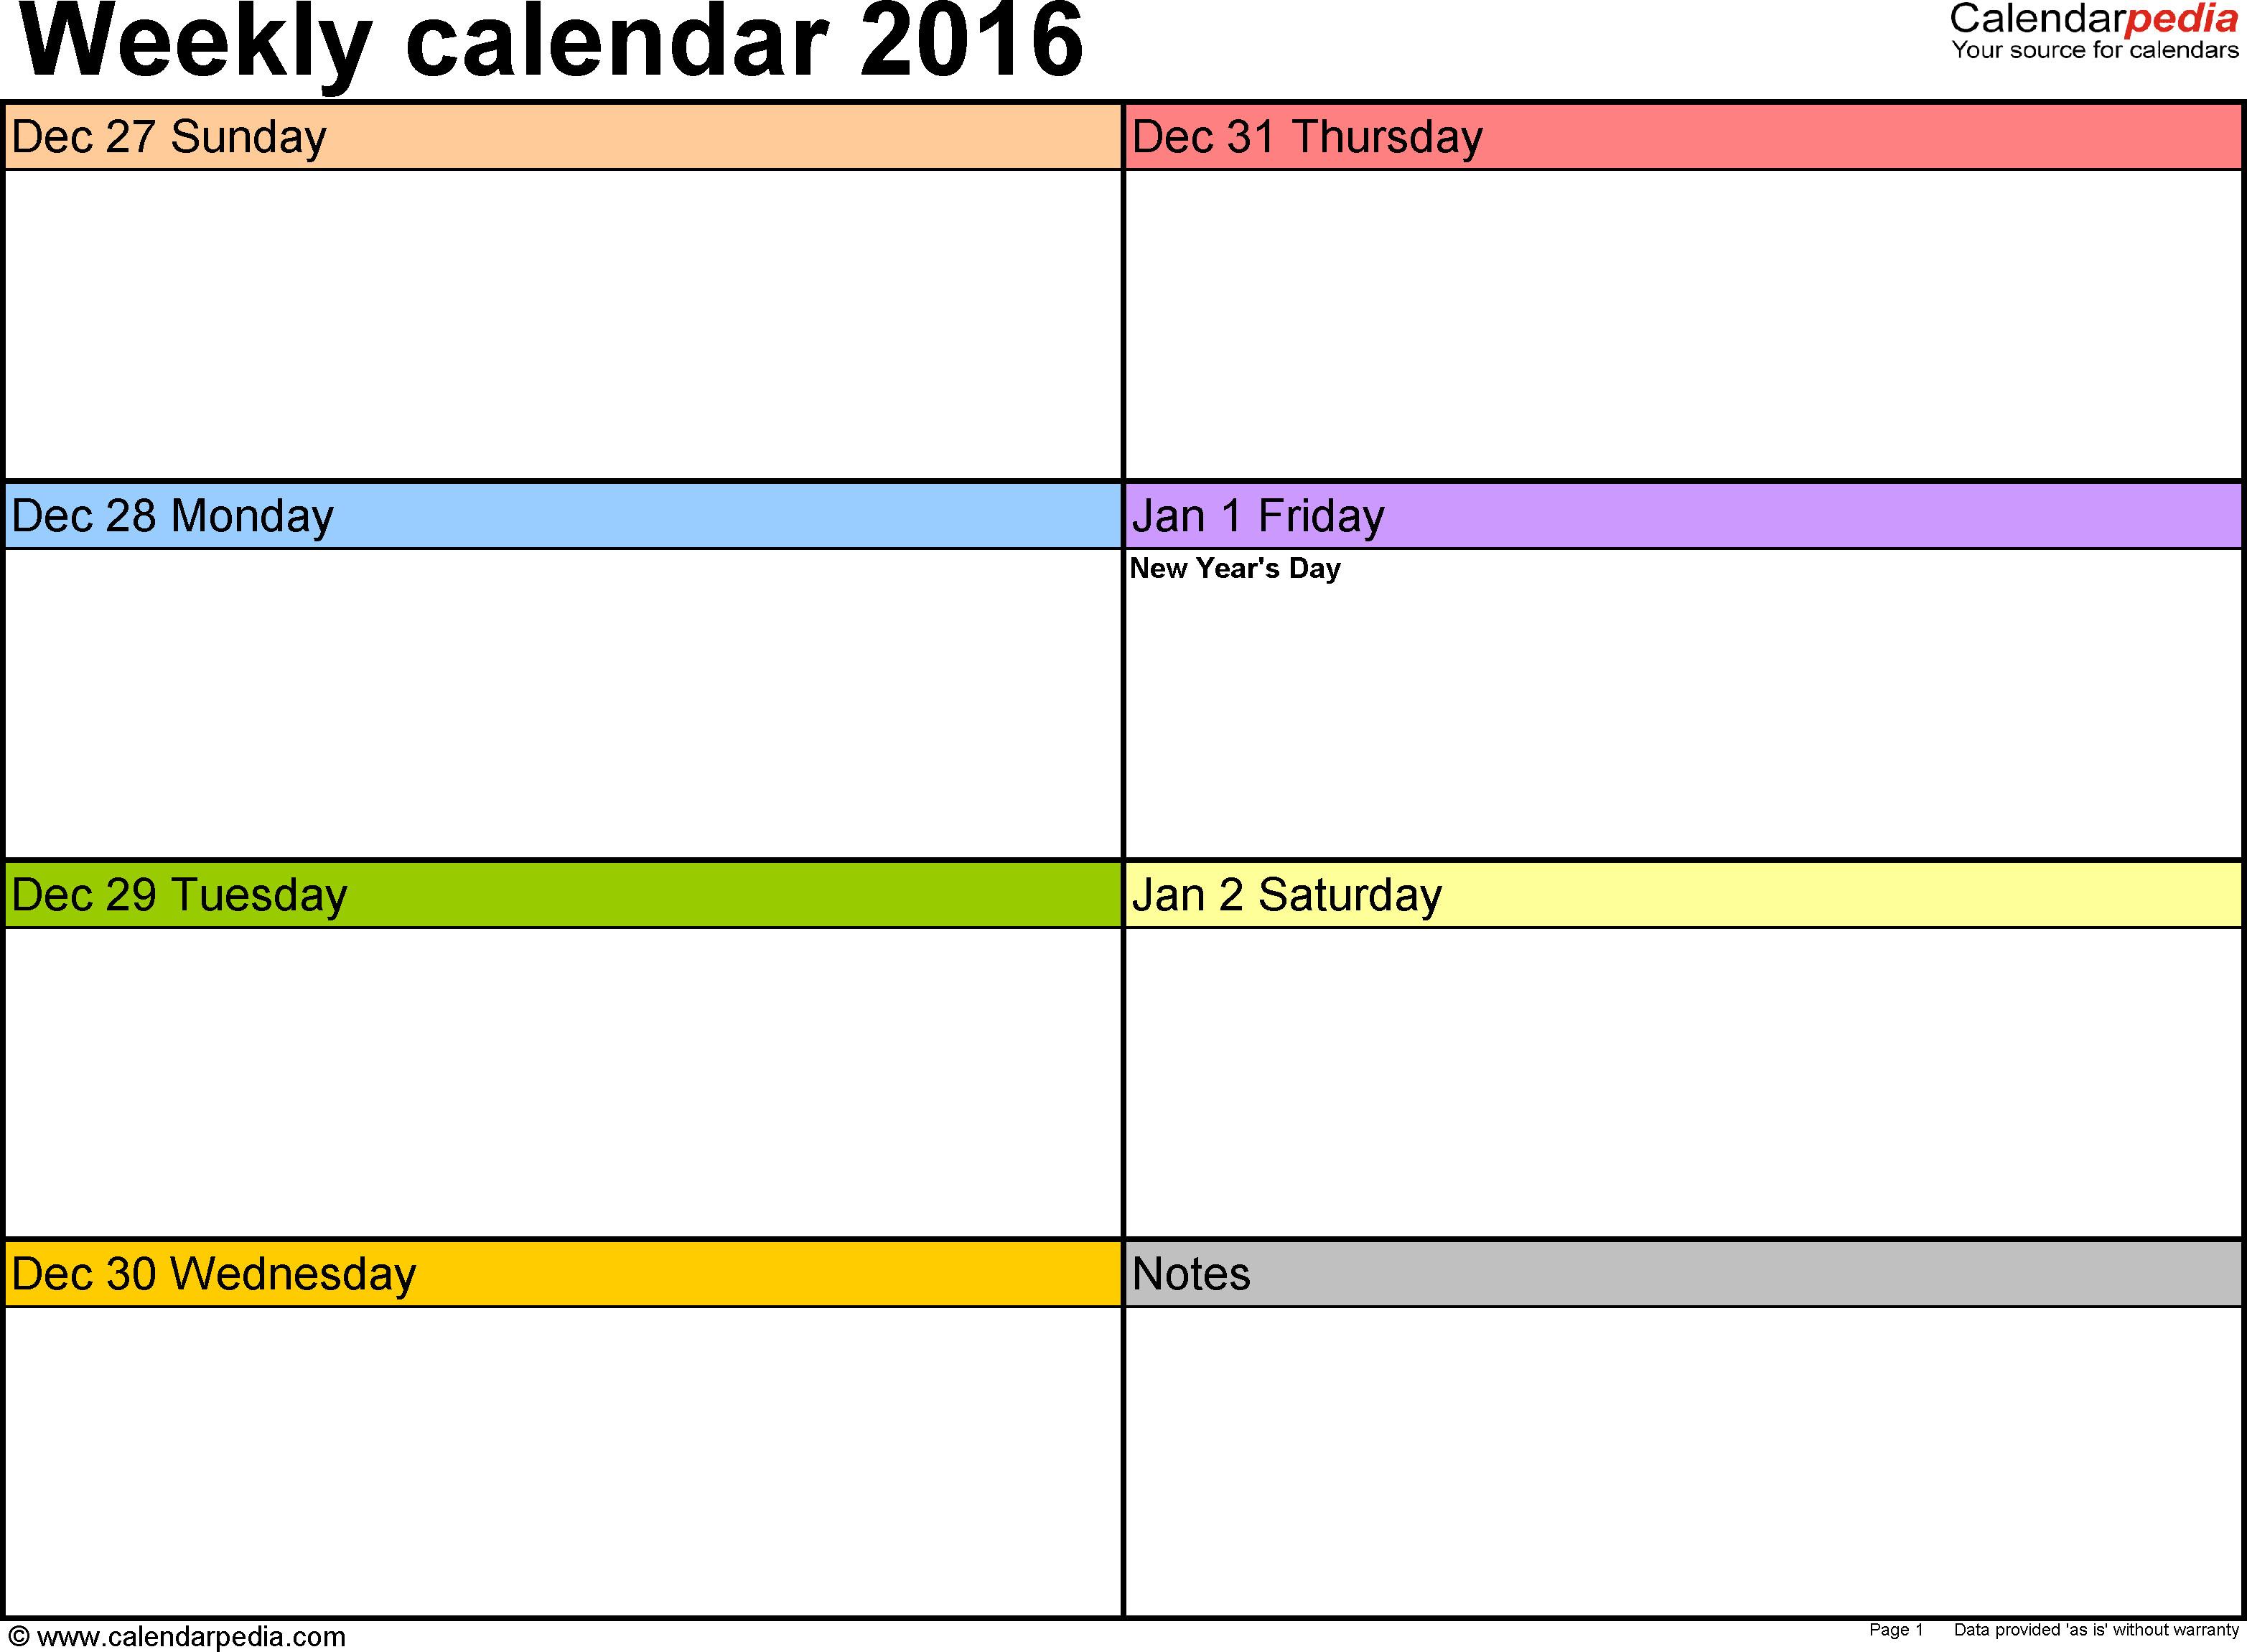 Week Planner Template Word Weekly Calendar 2016 for Word 12 Free Printable Templates